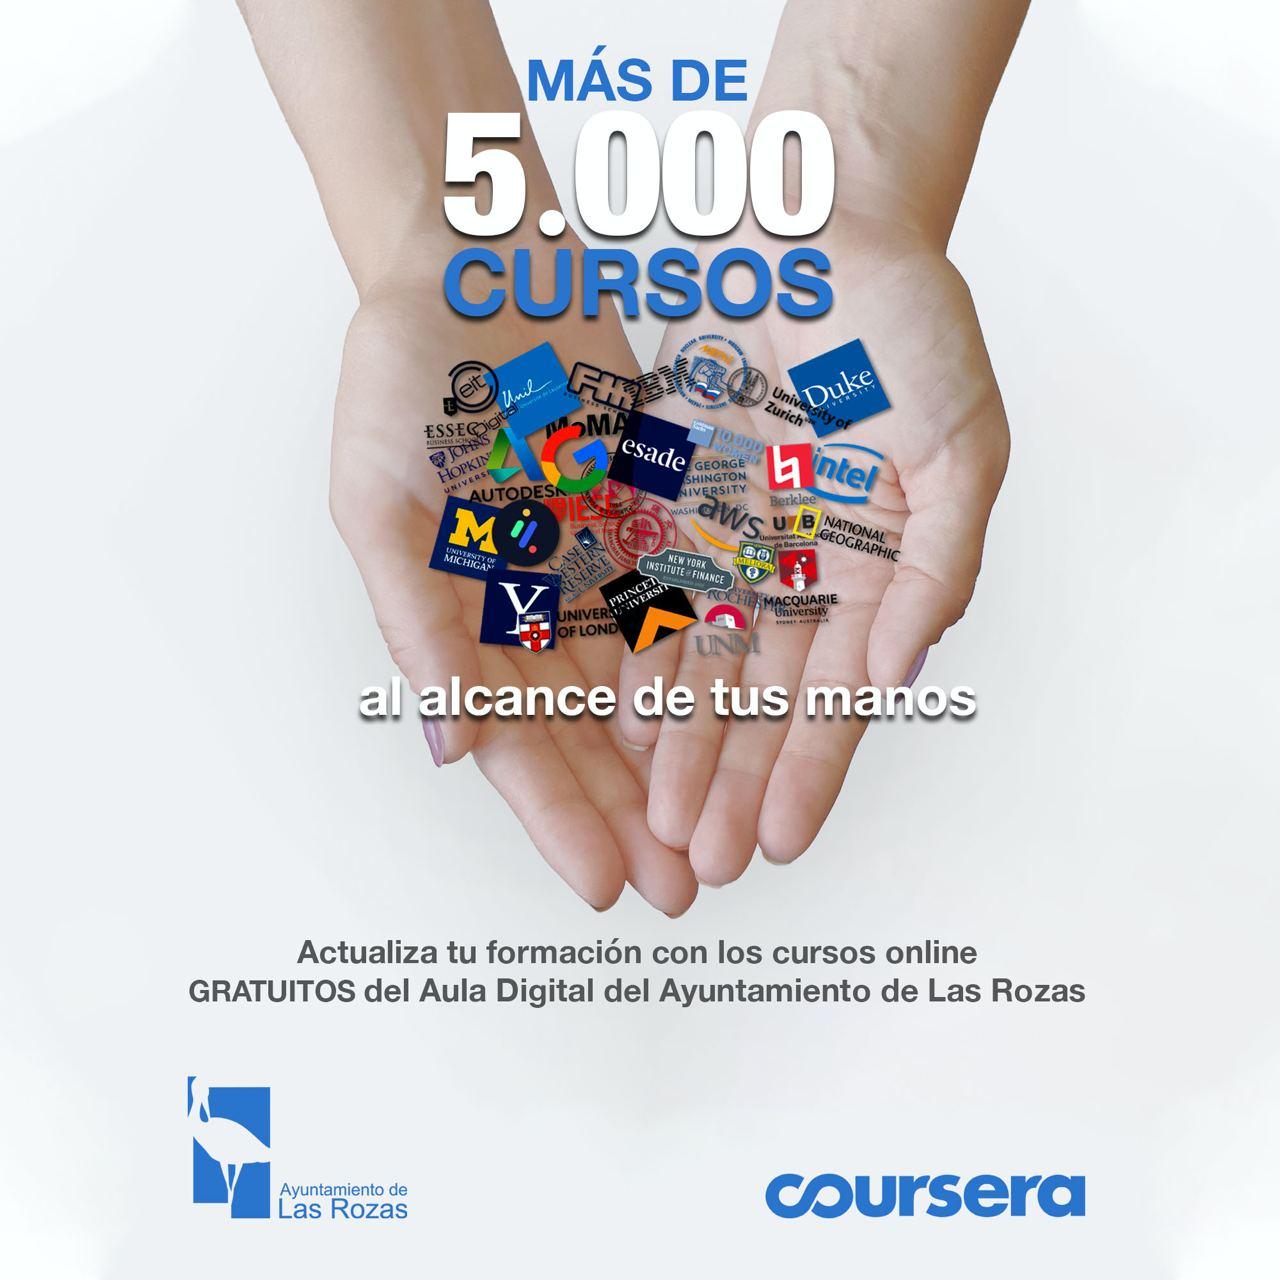 El Ayuntamiento de Las Rozas lanza 5.000 becas para cursos online en colaboración con Coursera